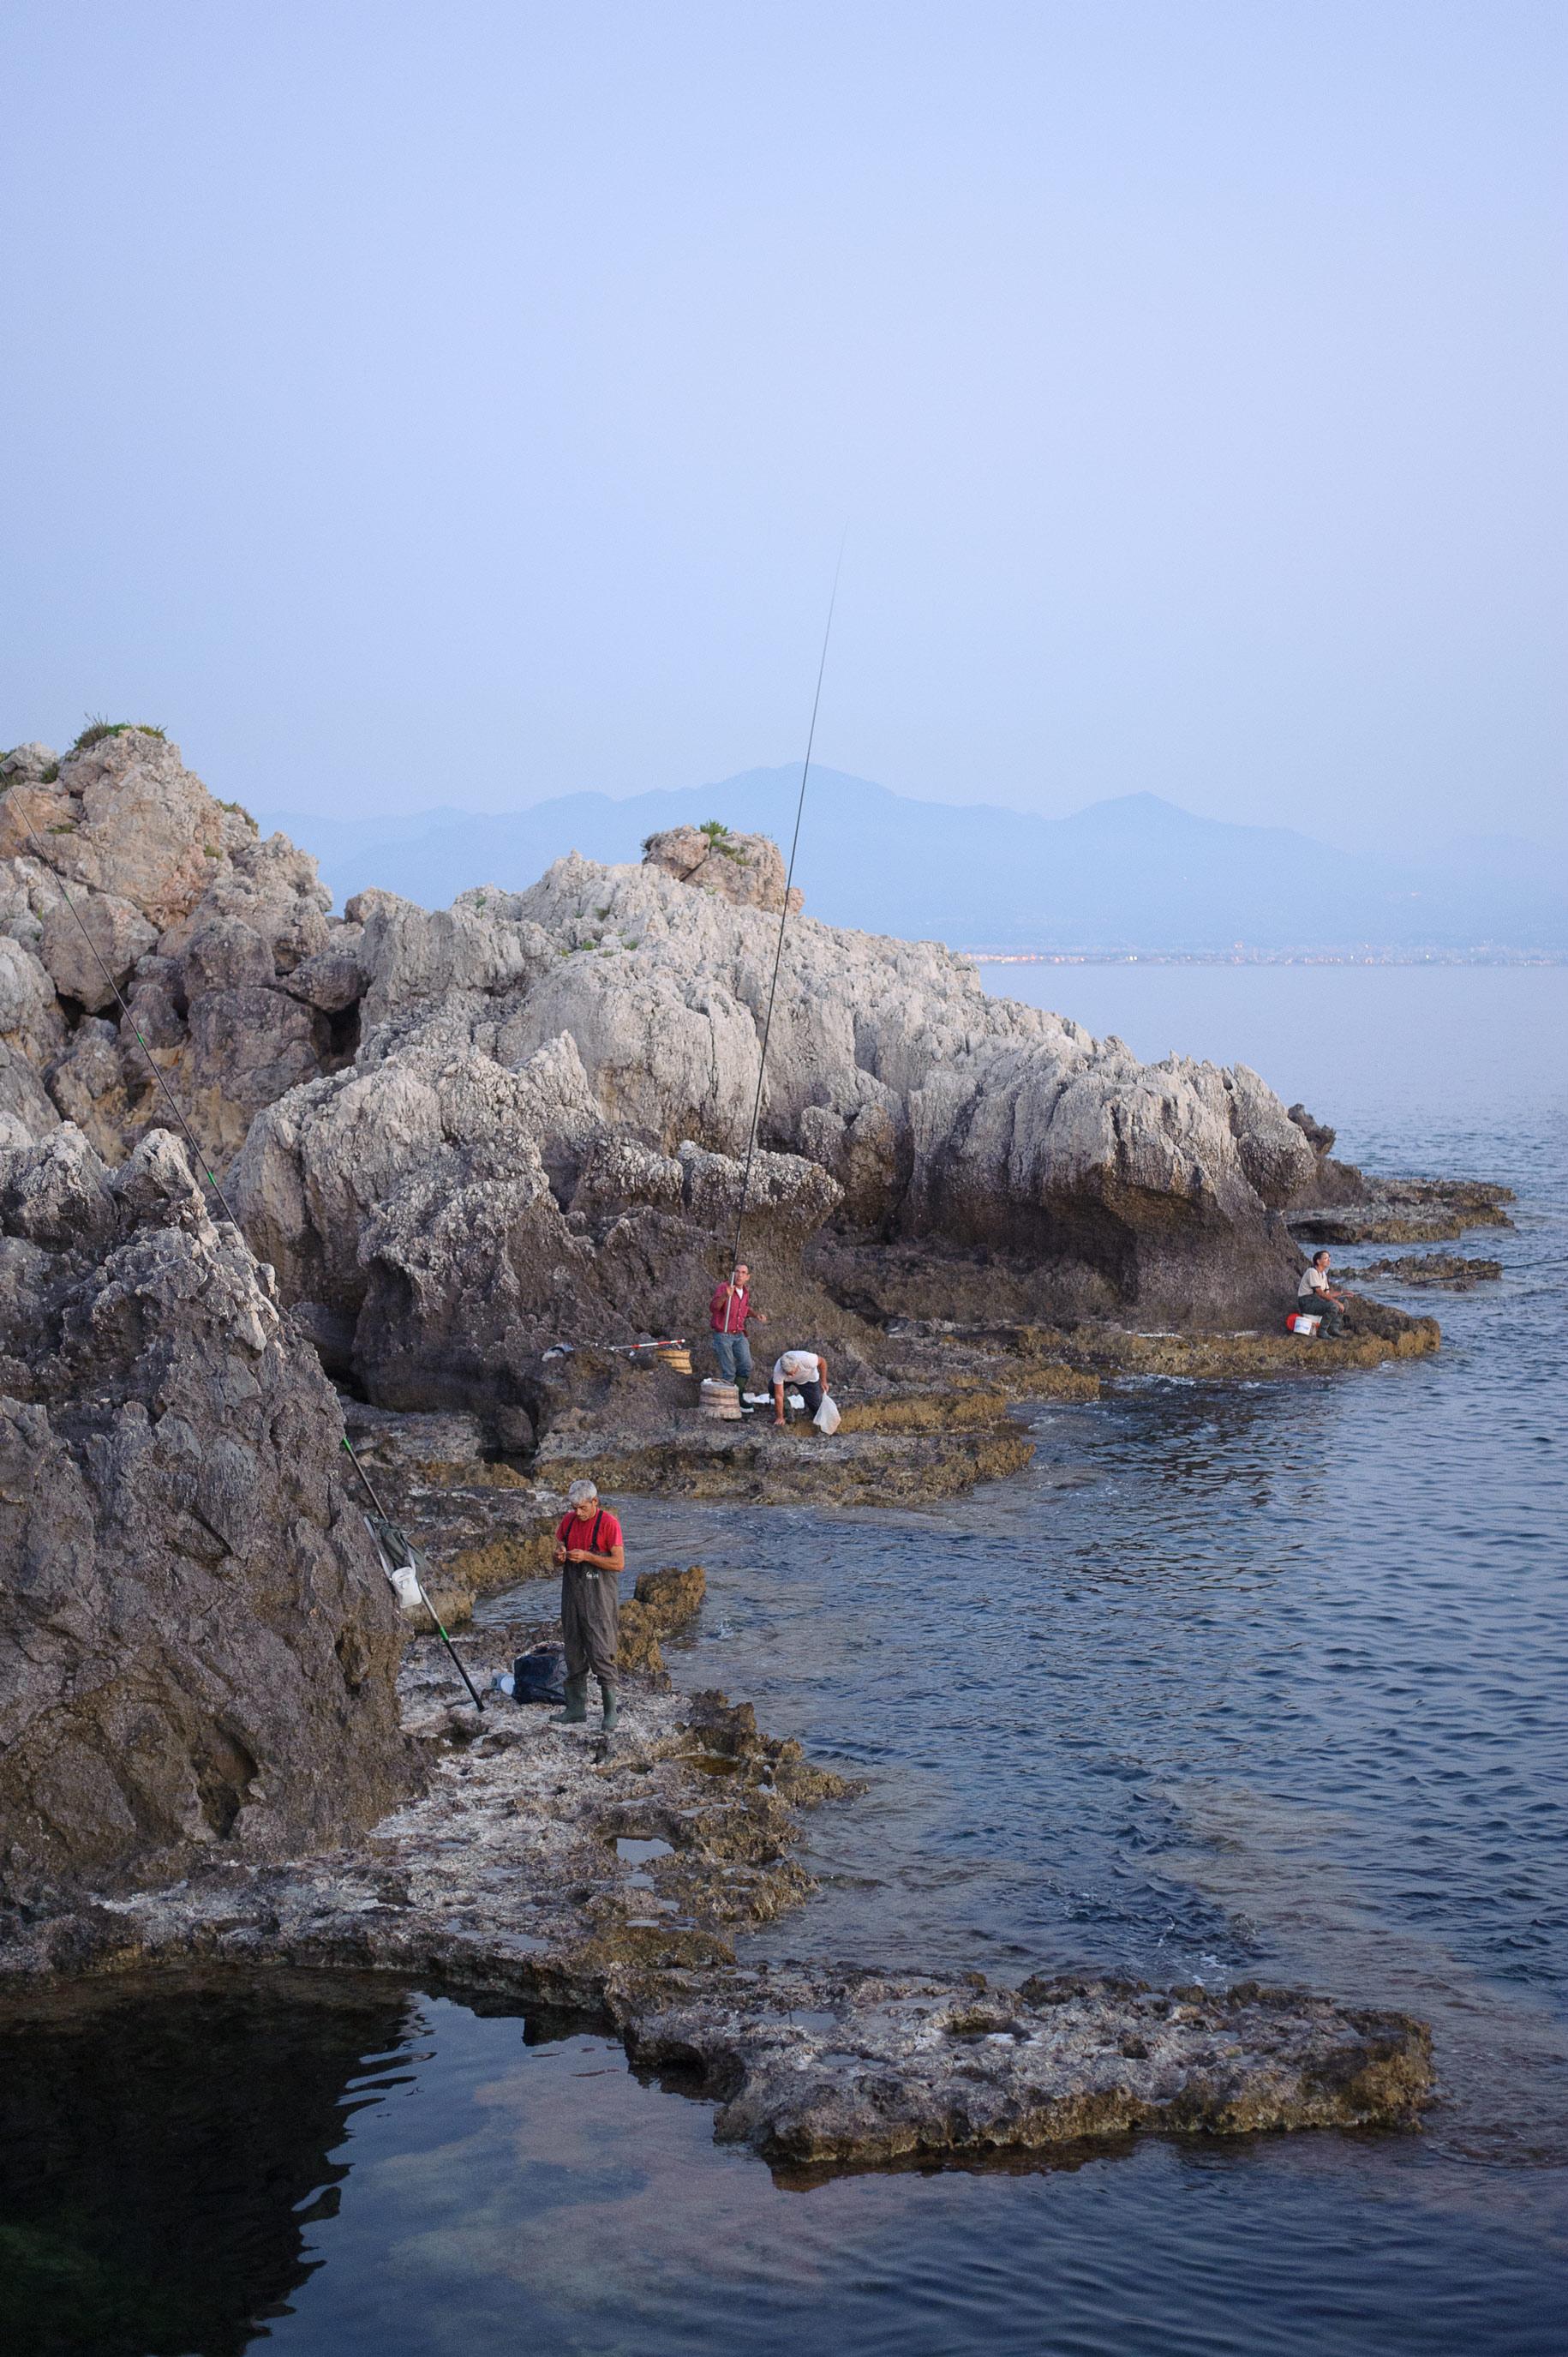 14_Sicily_Milazzo_Fishermen_2535